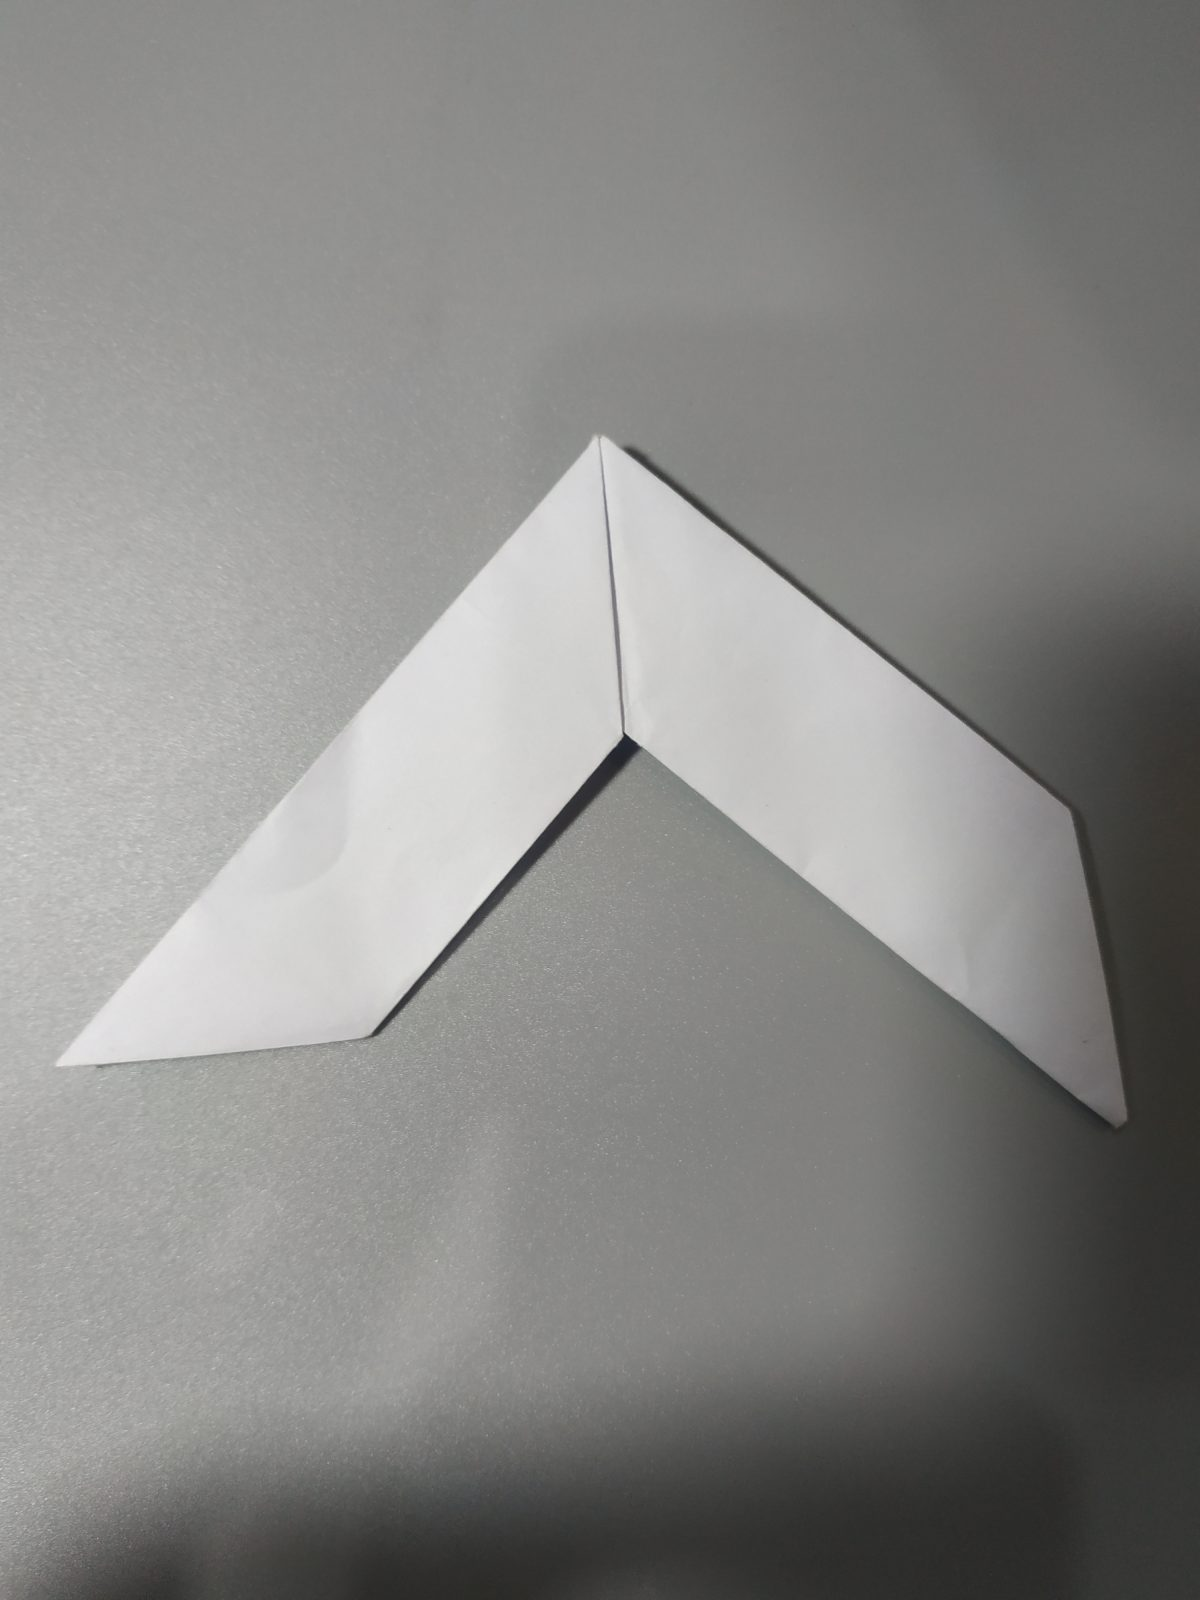 Hướng dẫn cách gấp boomerang nhanh nhất và đơn giản nhất